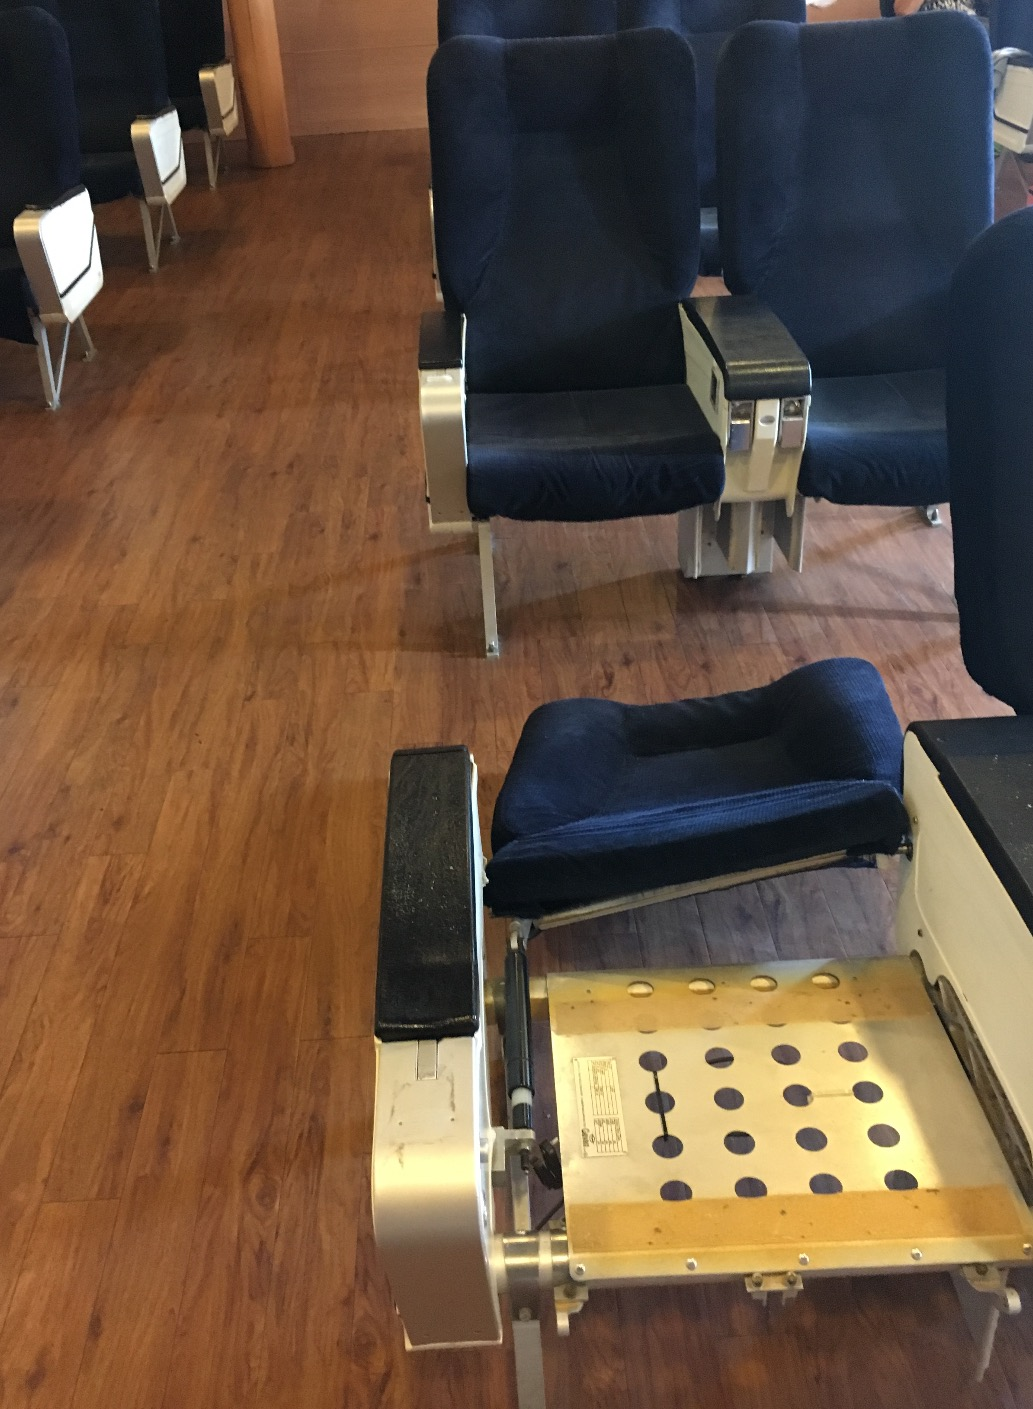 Salon fauteuils (pont 8)